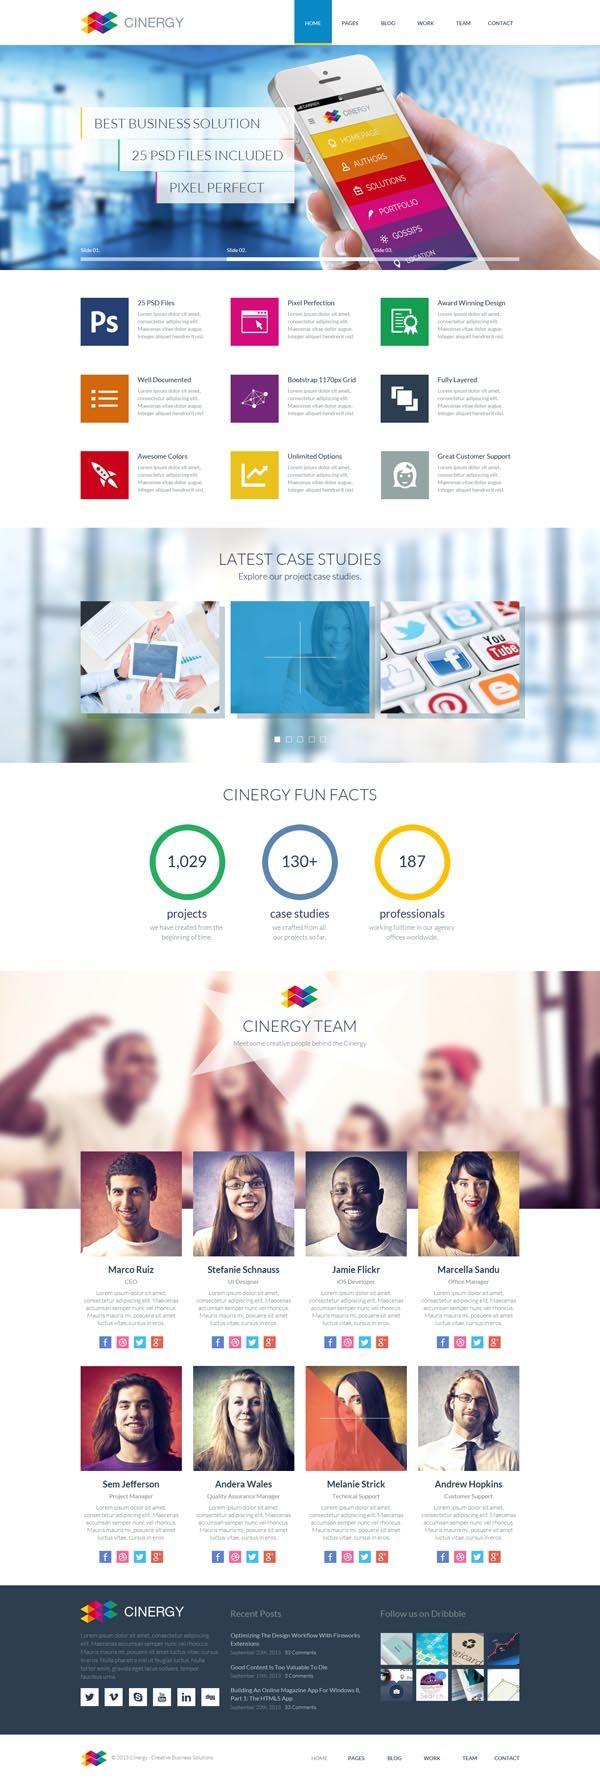 Cinergy - Modern Business HTML Template #html5templates #psdtemplates #websitetemplates